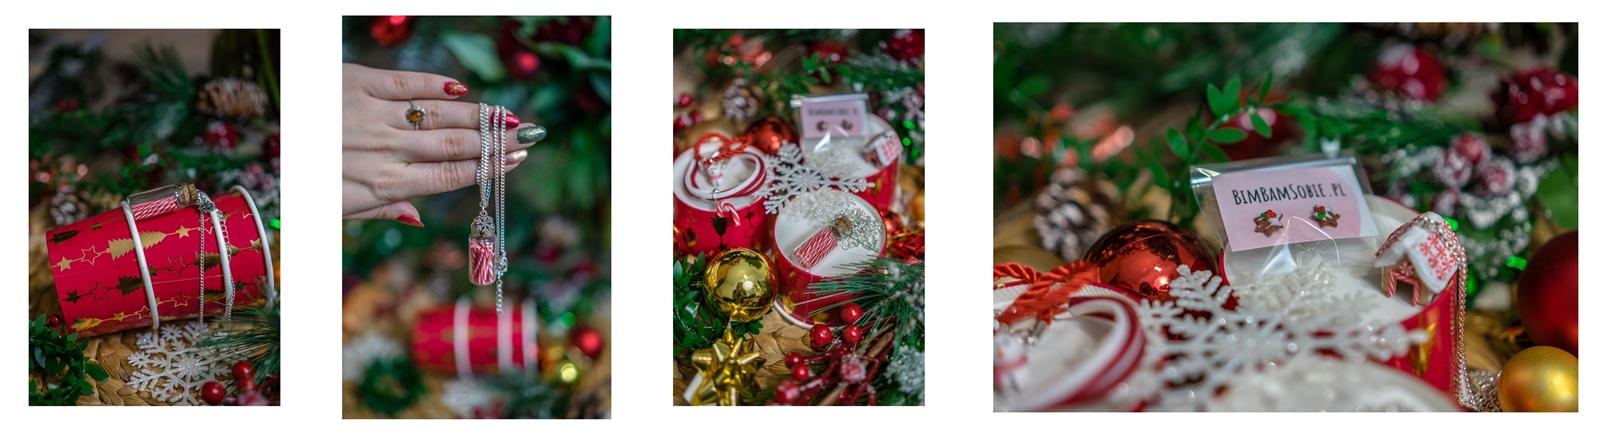 8 Czy prezenty daje się z metką, biżuteria personalizowana, prezent z grawerem z imieniem, jaka bizuteria pod choinke, bożonarodzeniowe prezenty, gwiazdkowe, mikolajkowe pod choinkę przesądy